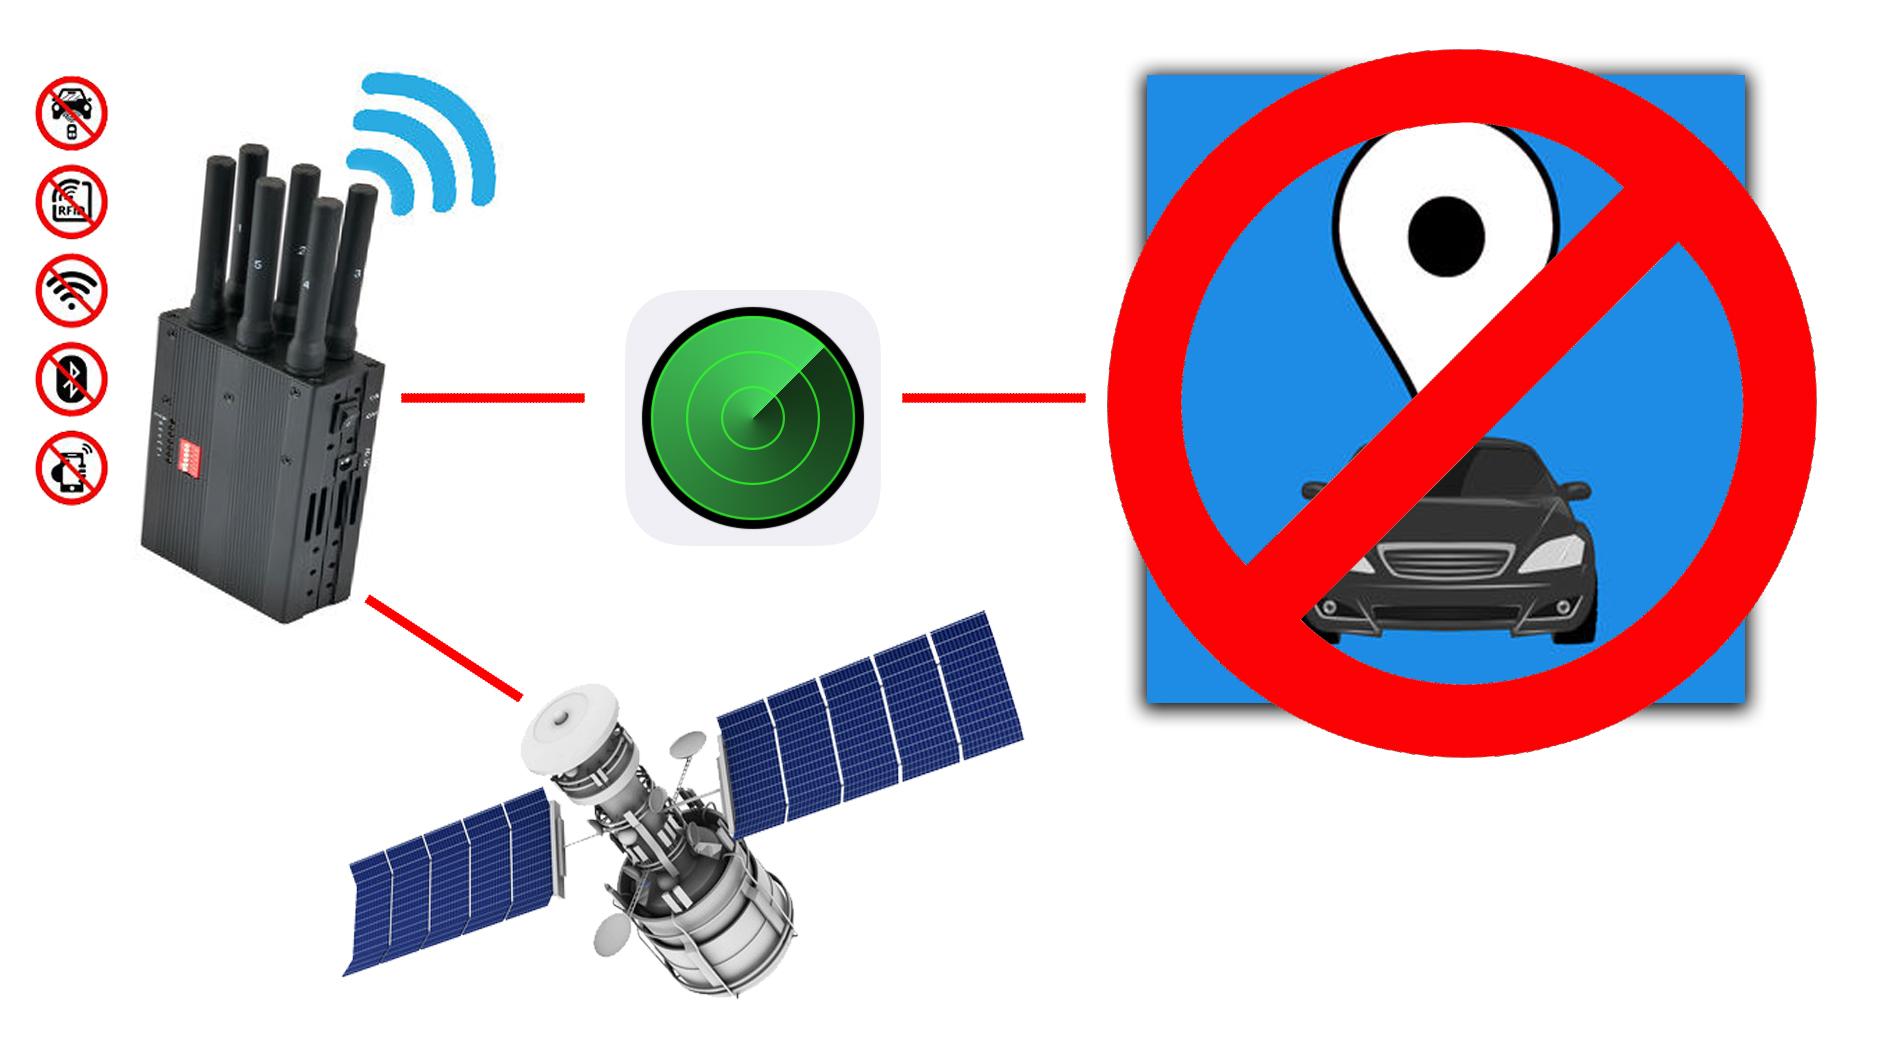 Злоумышленники используют глушители сигналов GPS/GSM, чтобы угнать автомобиль